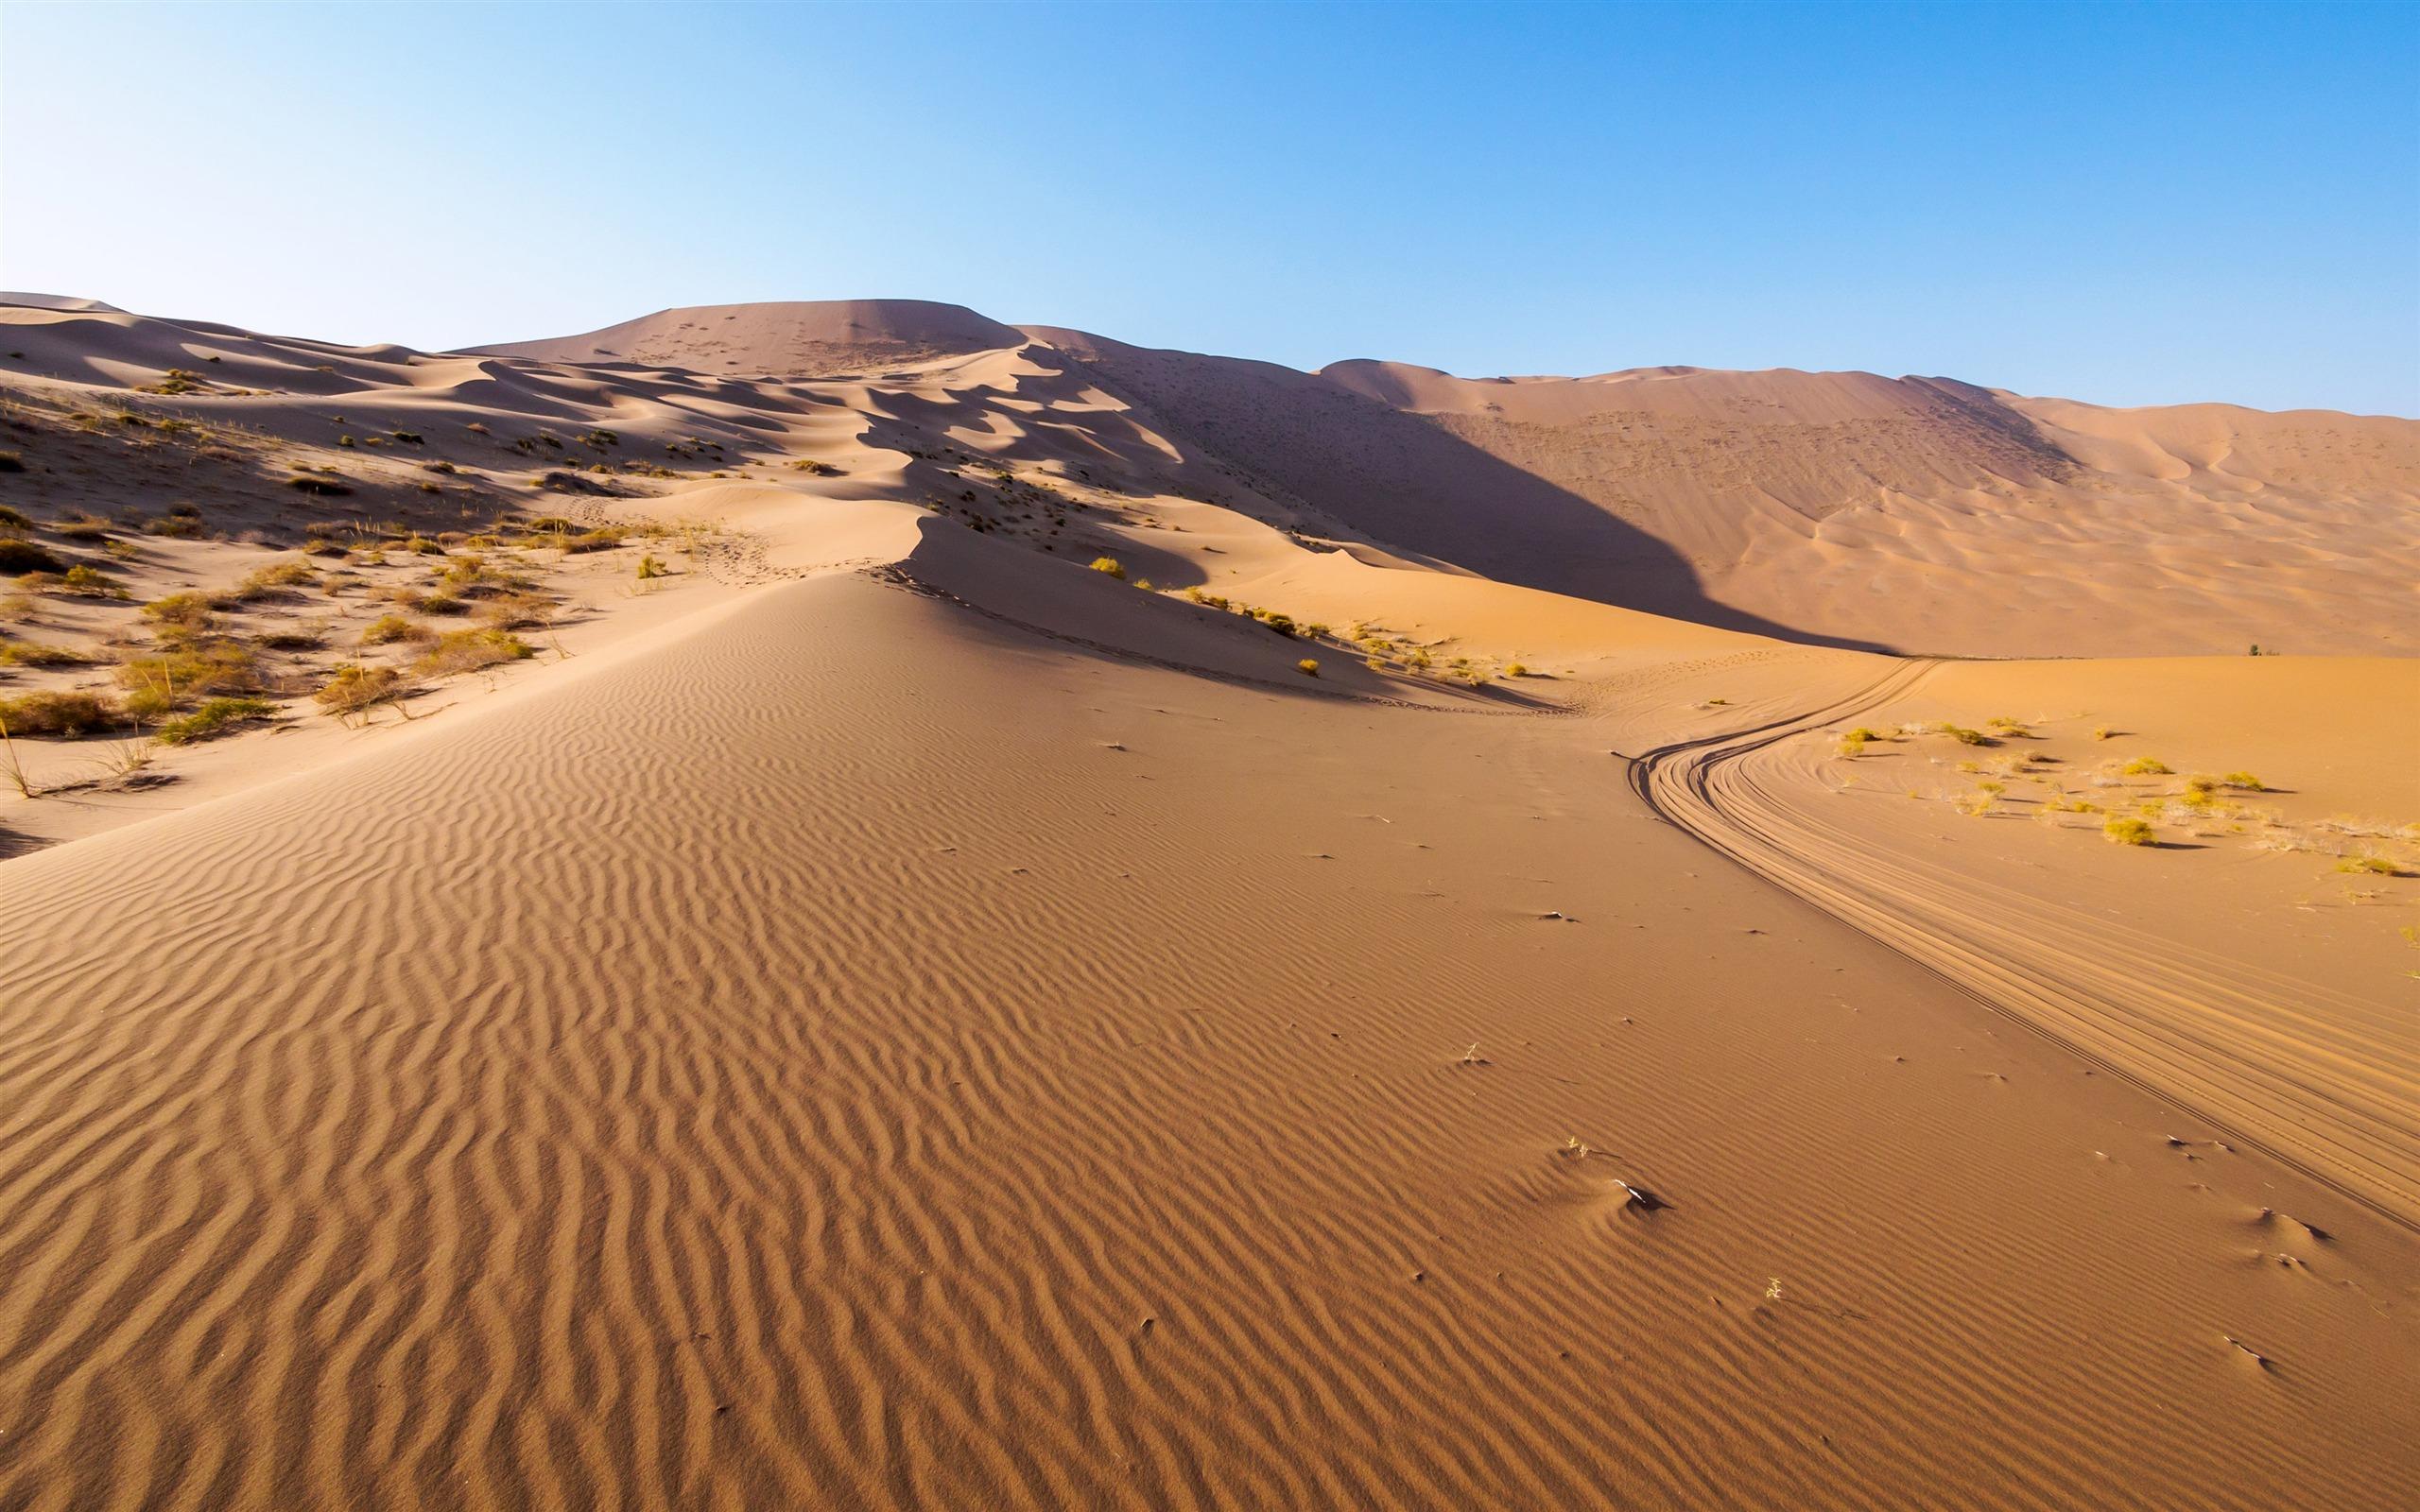 怡怡_西部,中国,干旱的沙漠,蓝天,风景预览 | 10wallpaper.com